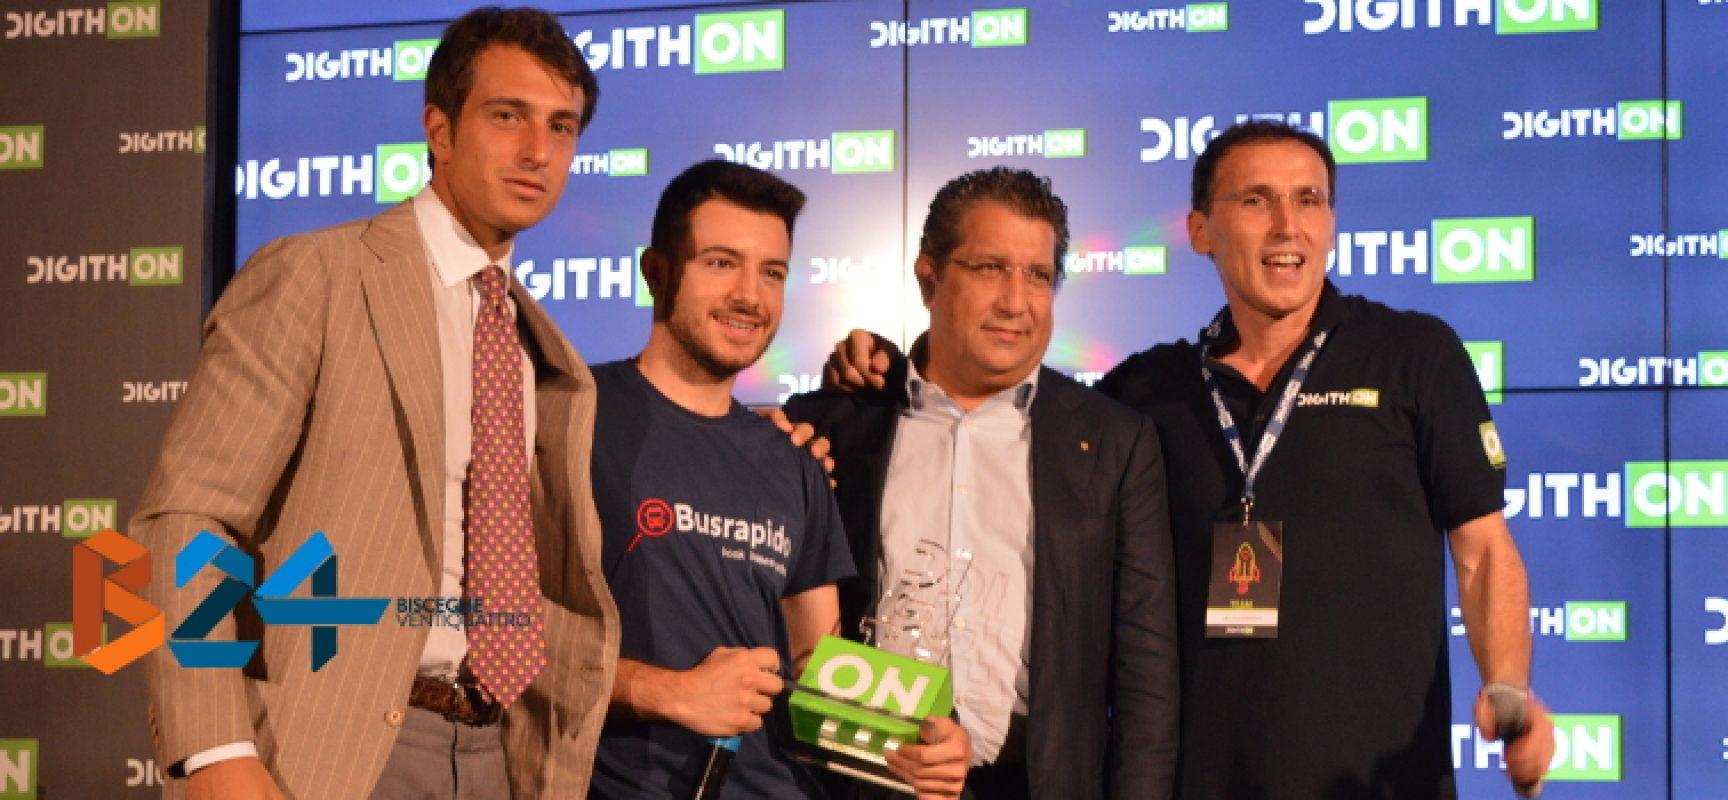 """BusRapido vince DigithON2017, Boccia: """"Bello poter fare qualcosa di utile nel proprio territorio"""" / FOTO"""